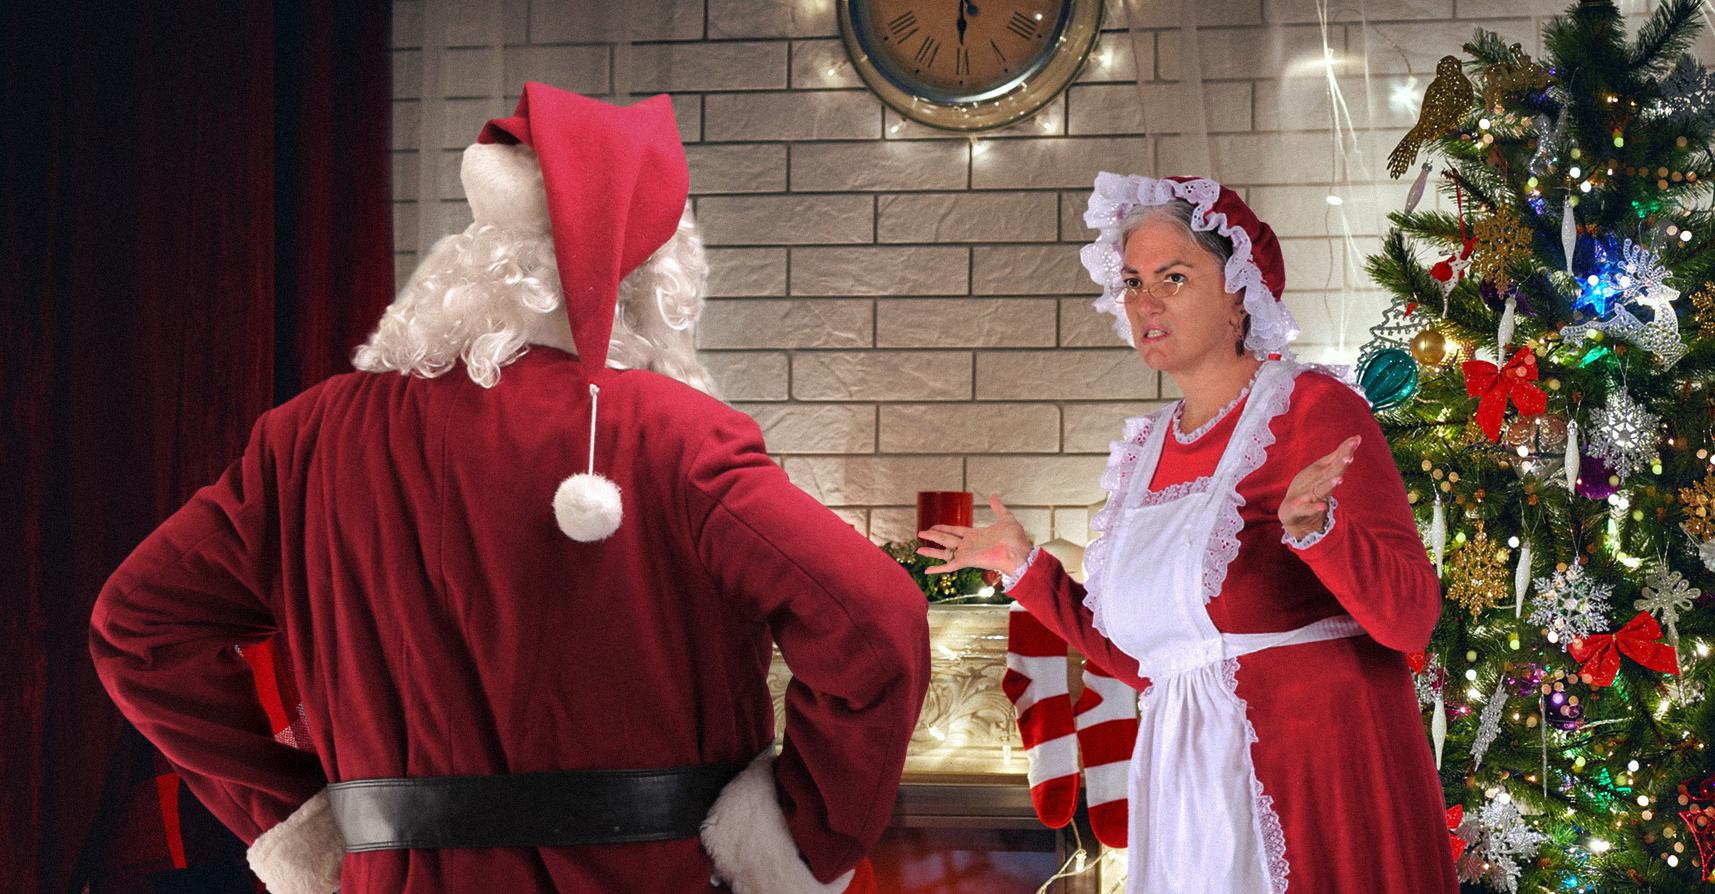 صورة ماما نويل توبِّخ بابا نويل لعودته إلى البيت فجراً كالصيَّع